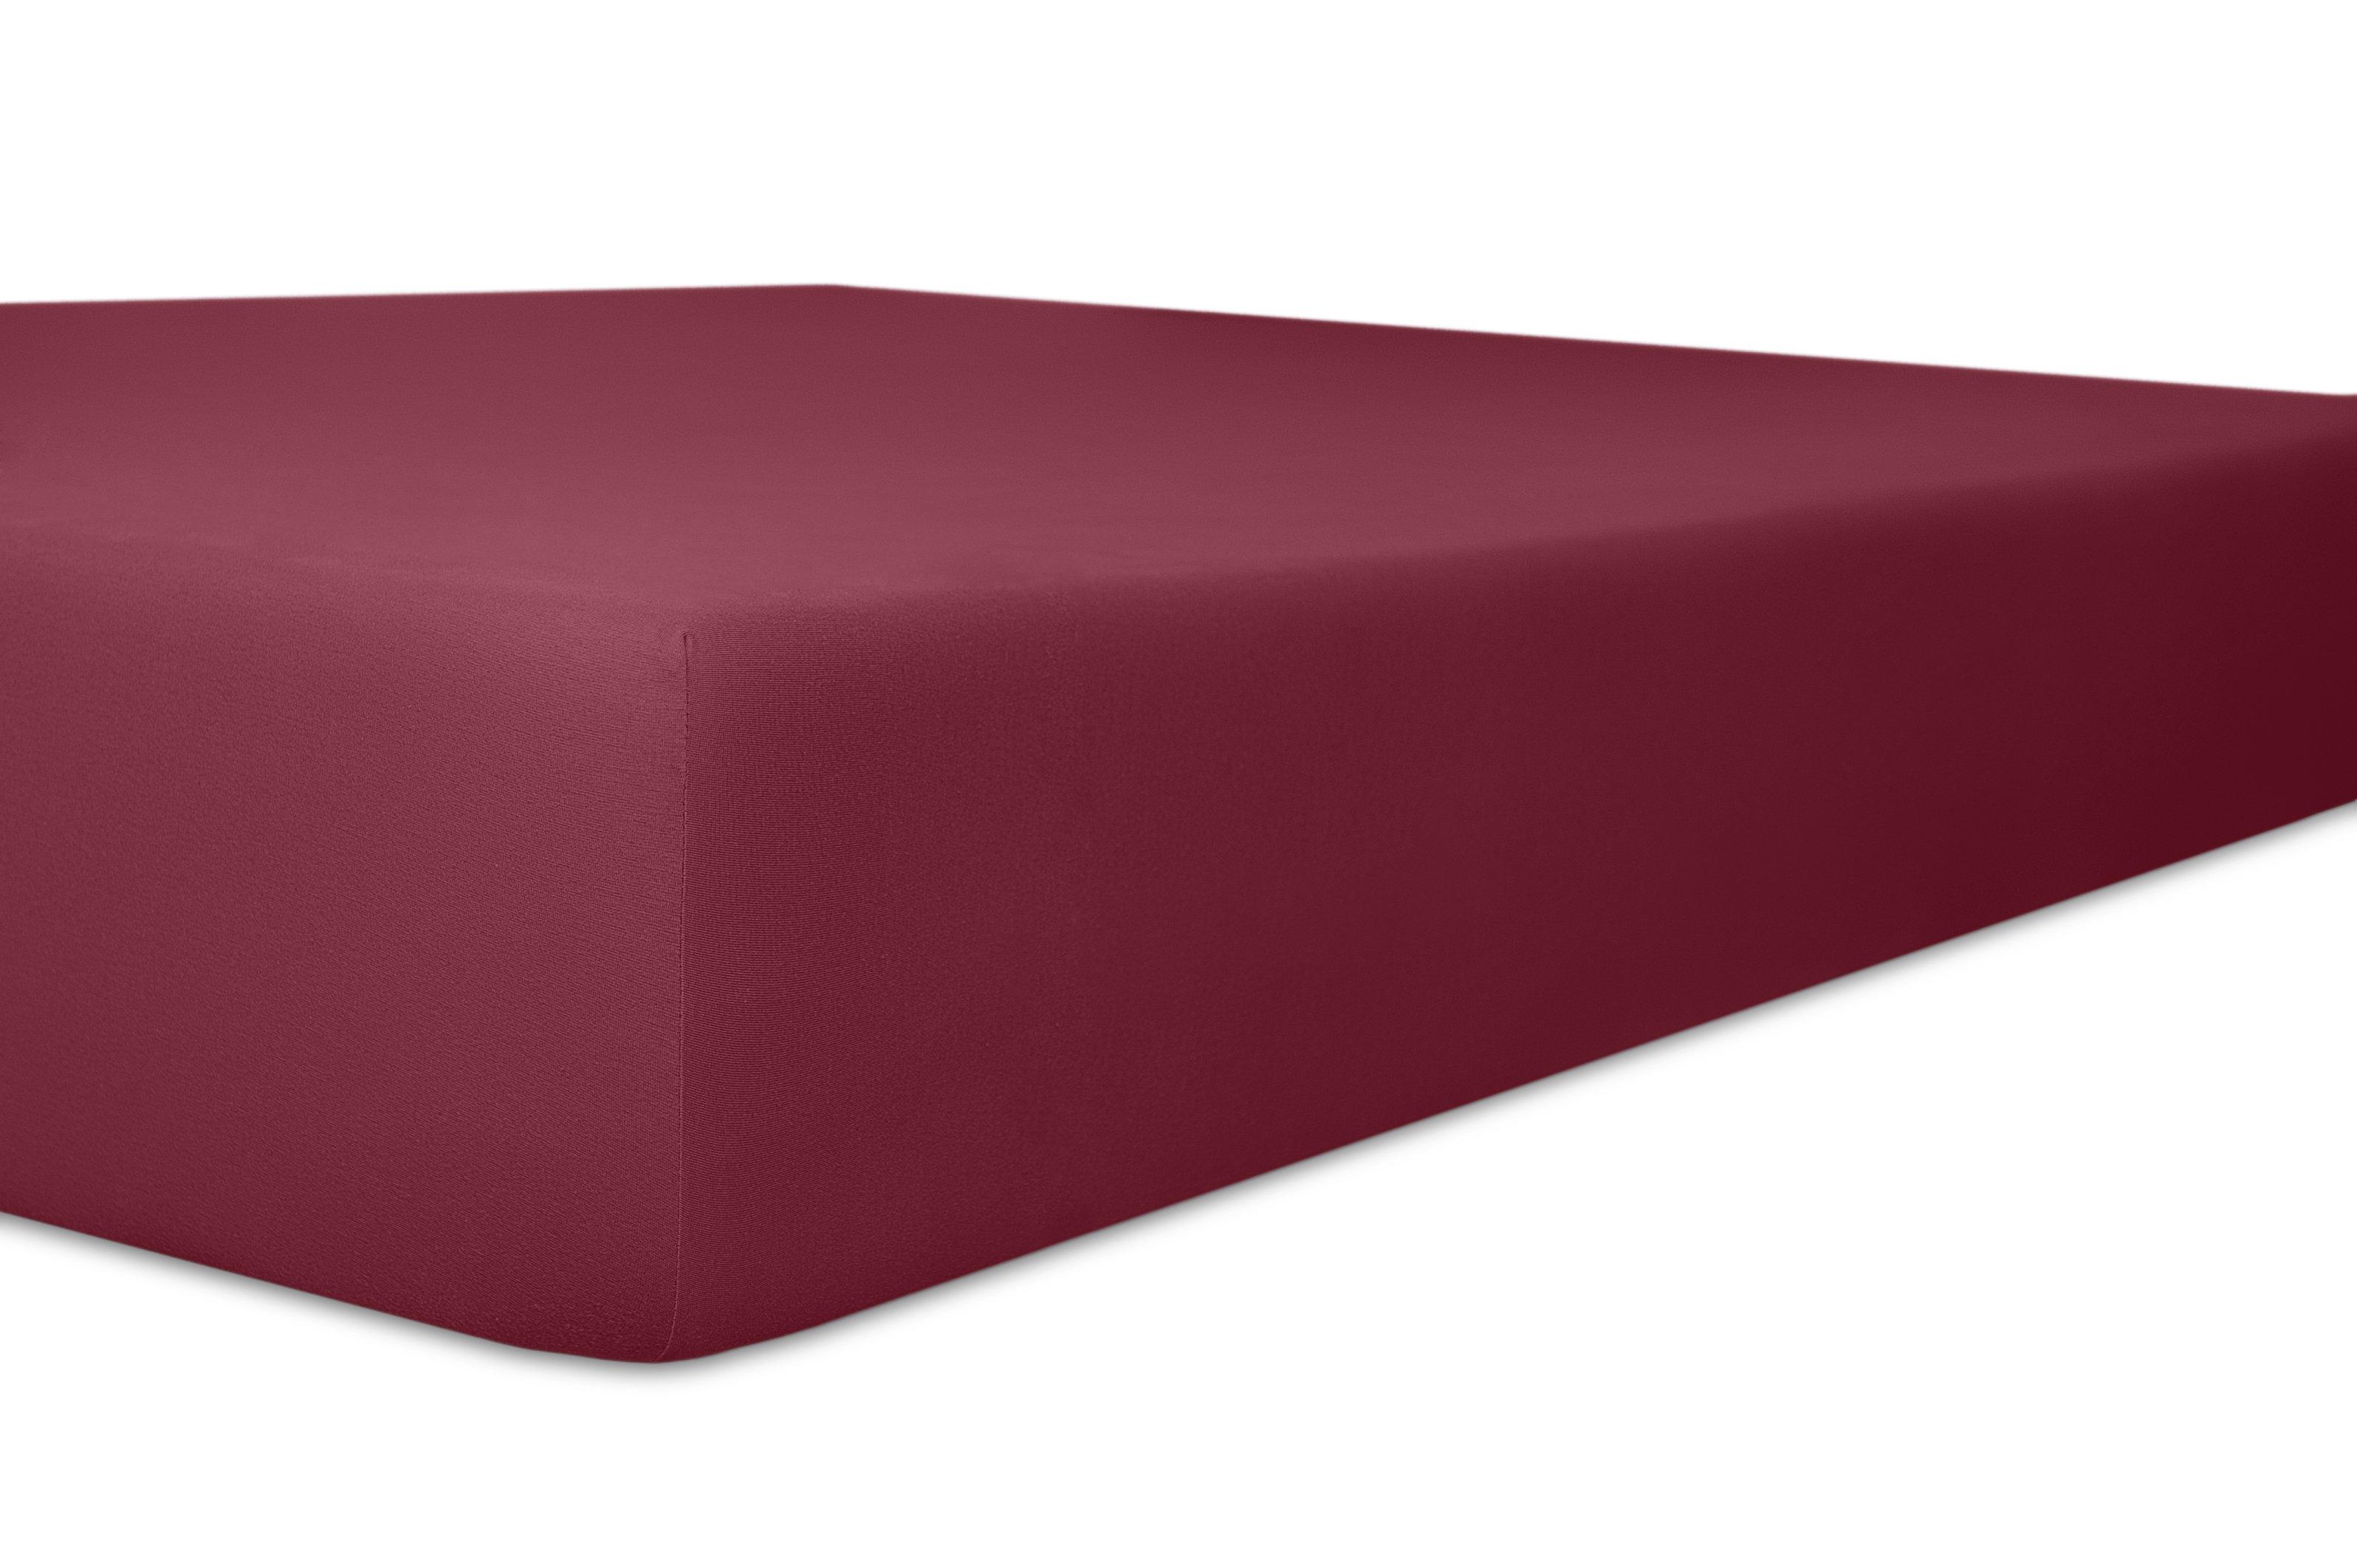 Spannbetttuch burgund,180x200cm